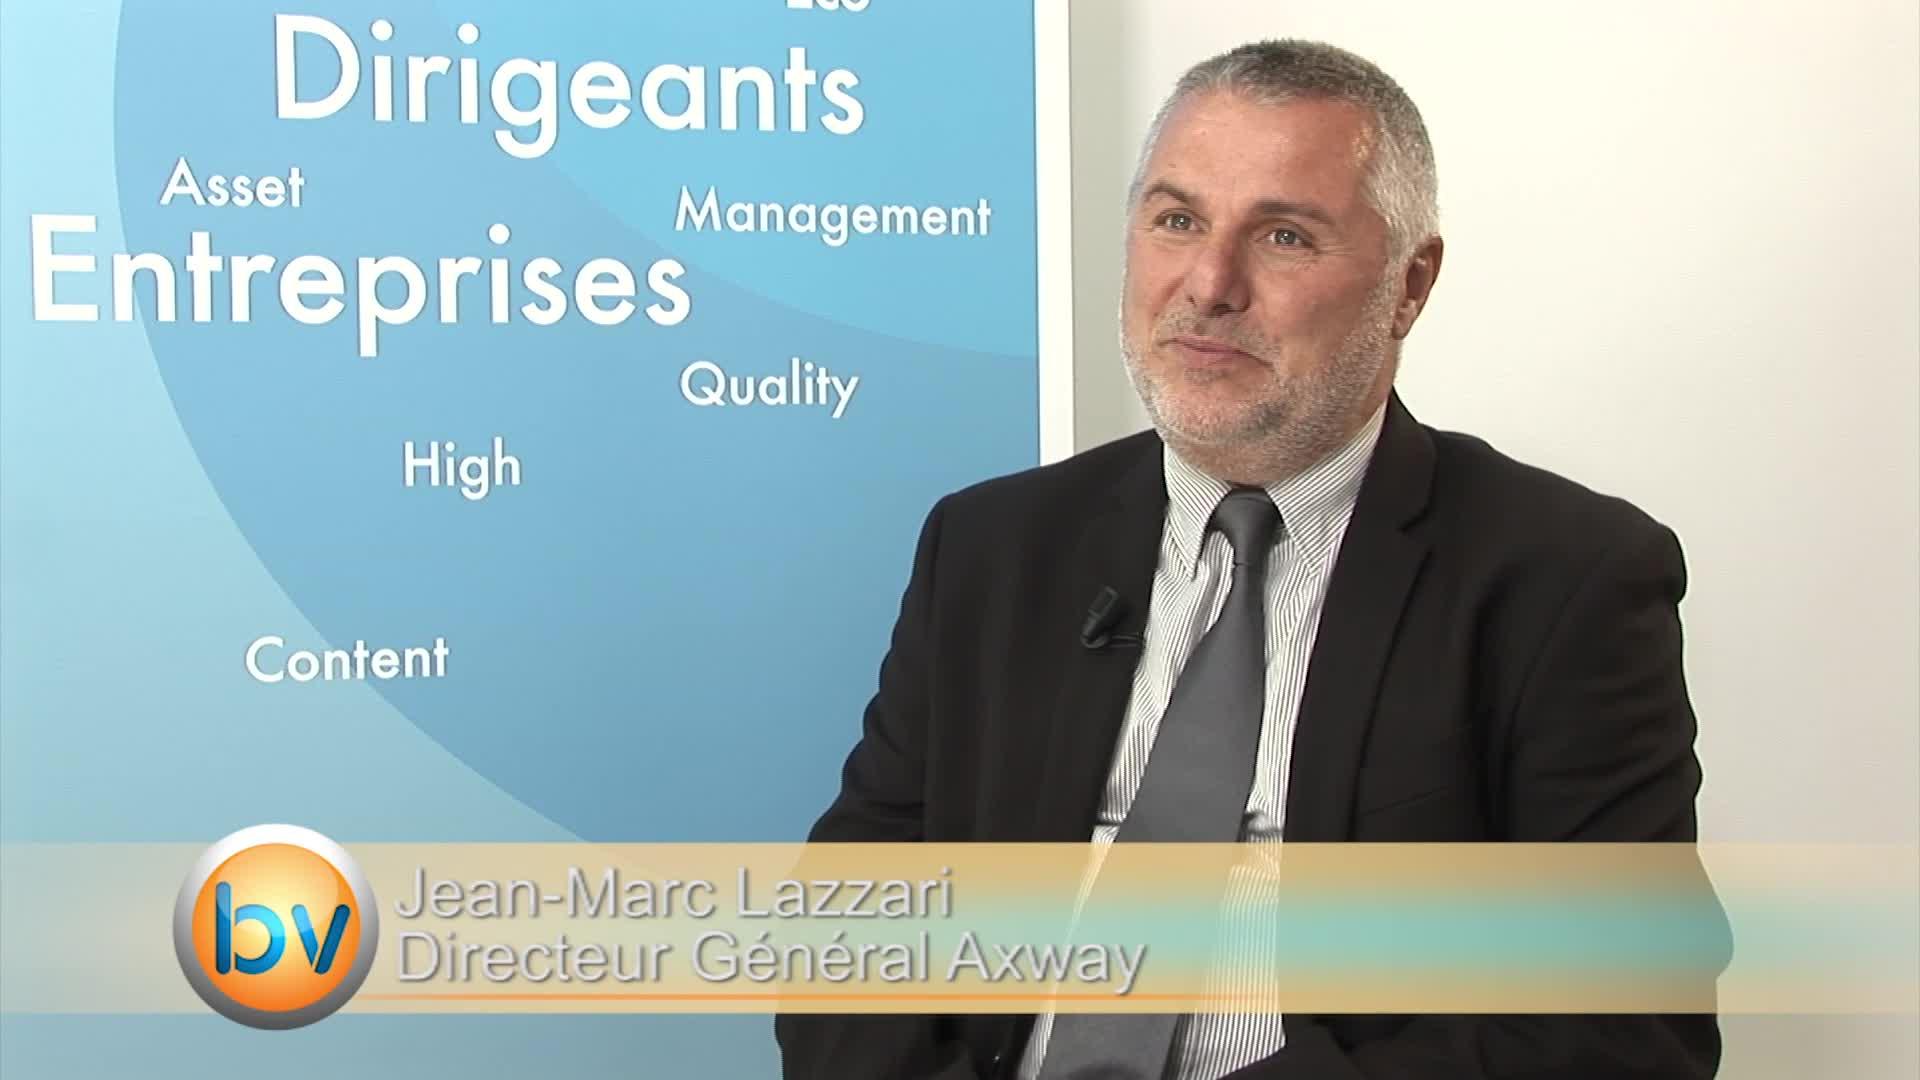 """Jean-Marc Lazzari Directeur Général Axway : """"La transformation est en cours"""""""